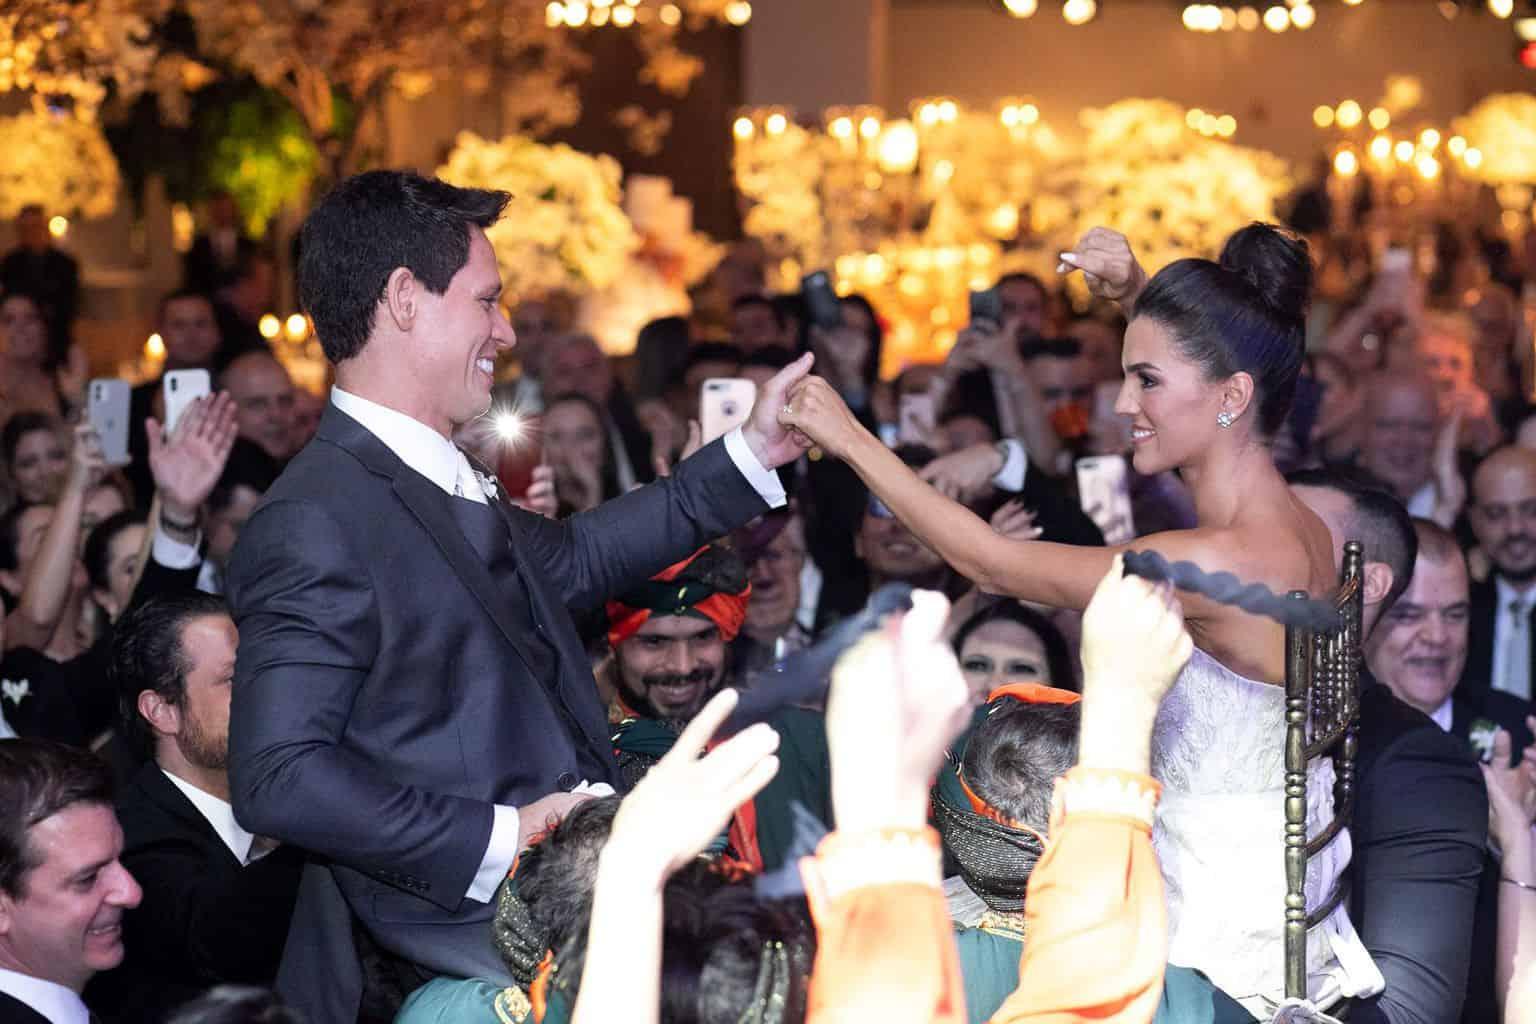 rita_andre-1280-1Casamento-Rita-e-Andre-Fotografia-Casamento-Rita-e-Andre-Fotografia-Carol-e-Marco-Costa-Festa